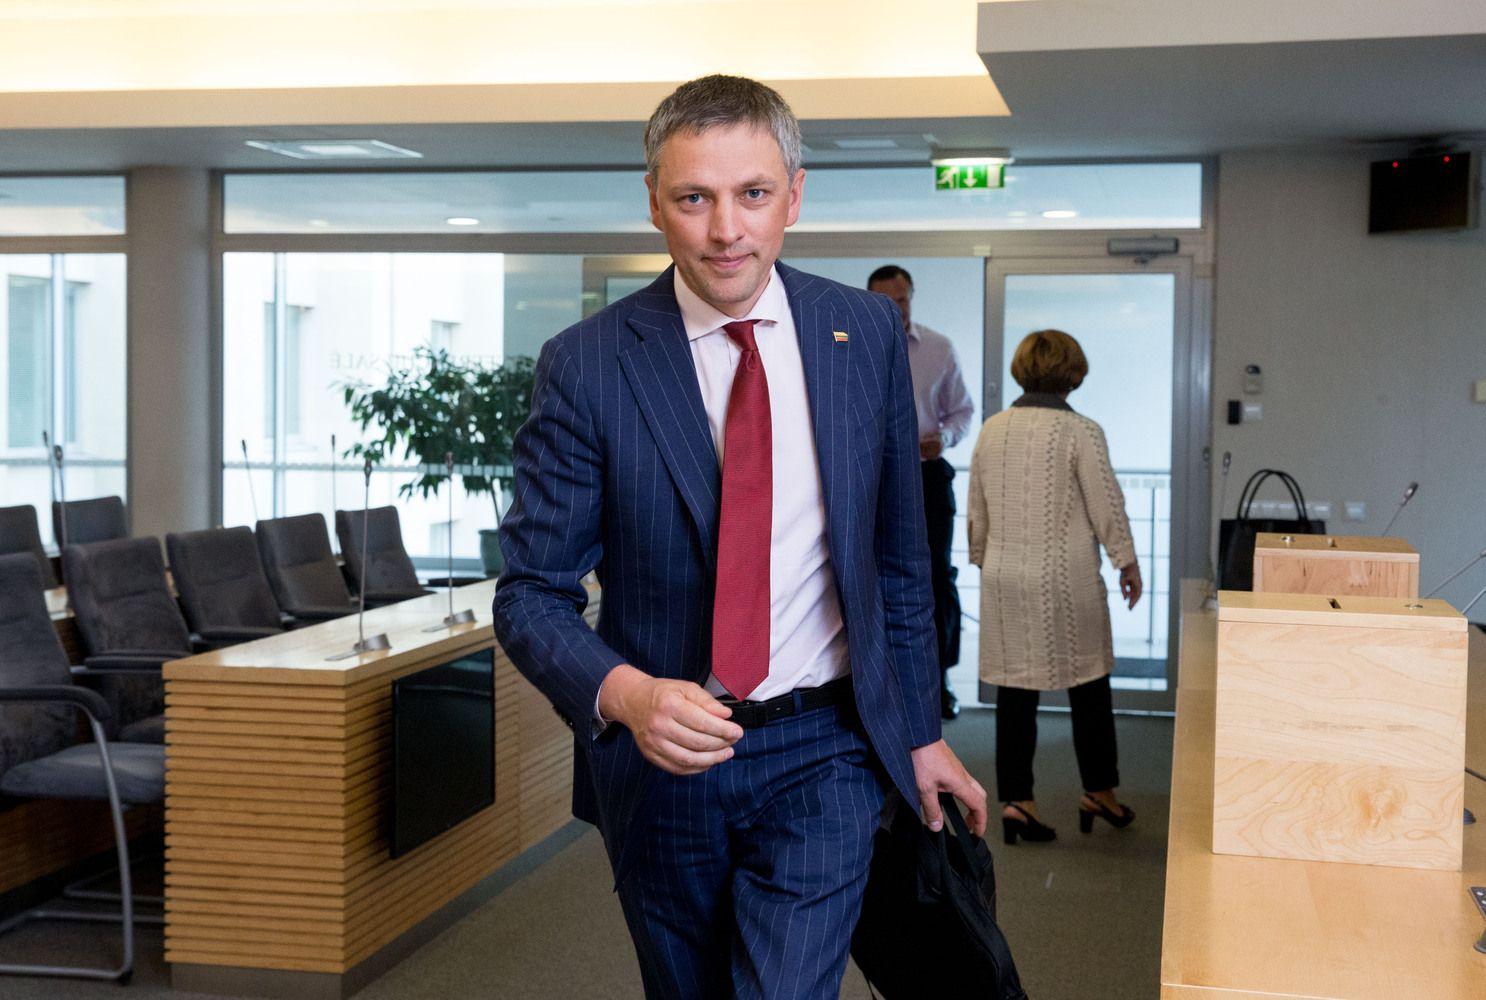 Seimo politikai pasišovė ištirti neteisėtą įtaką sau